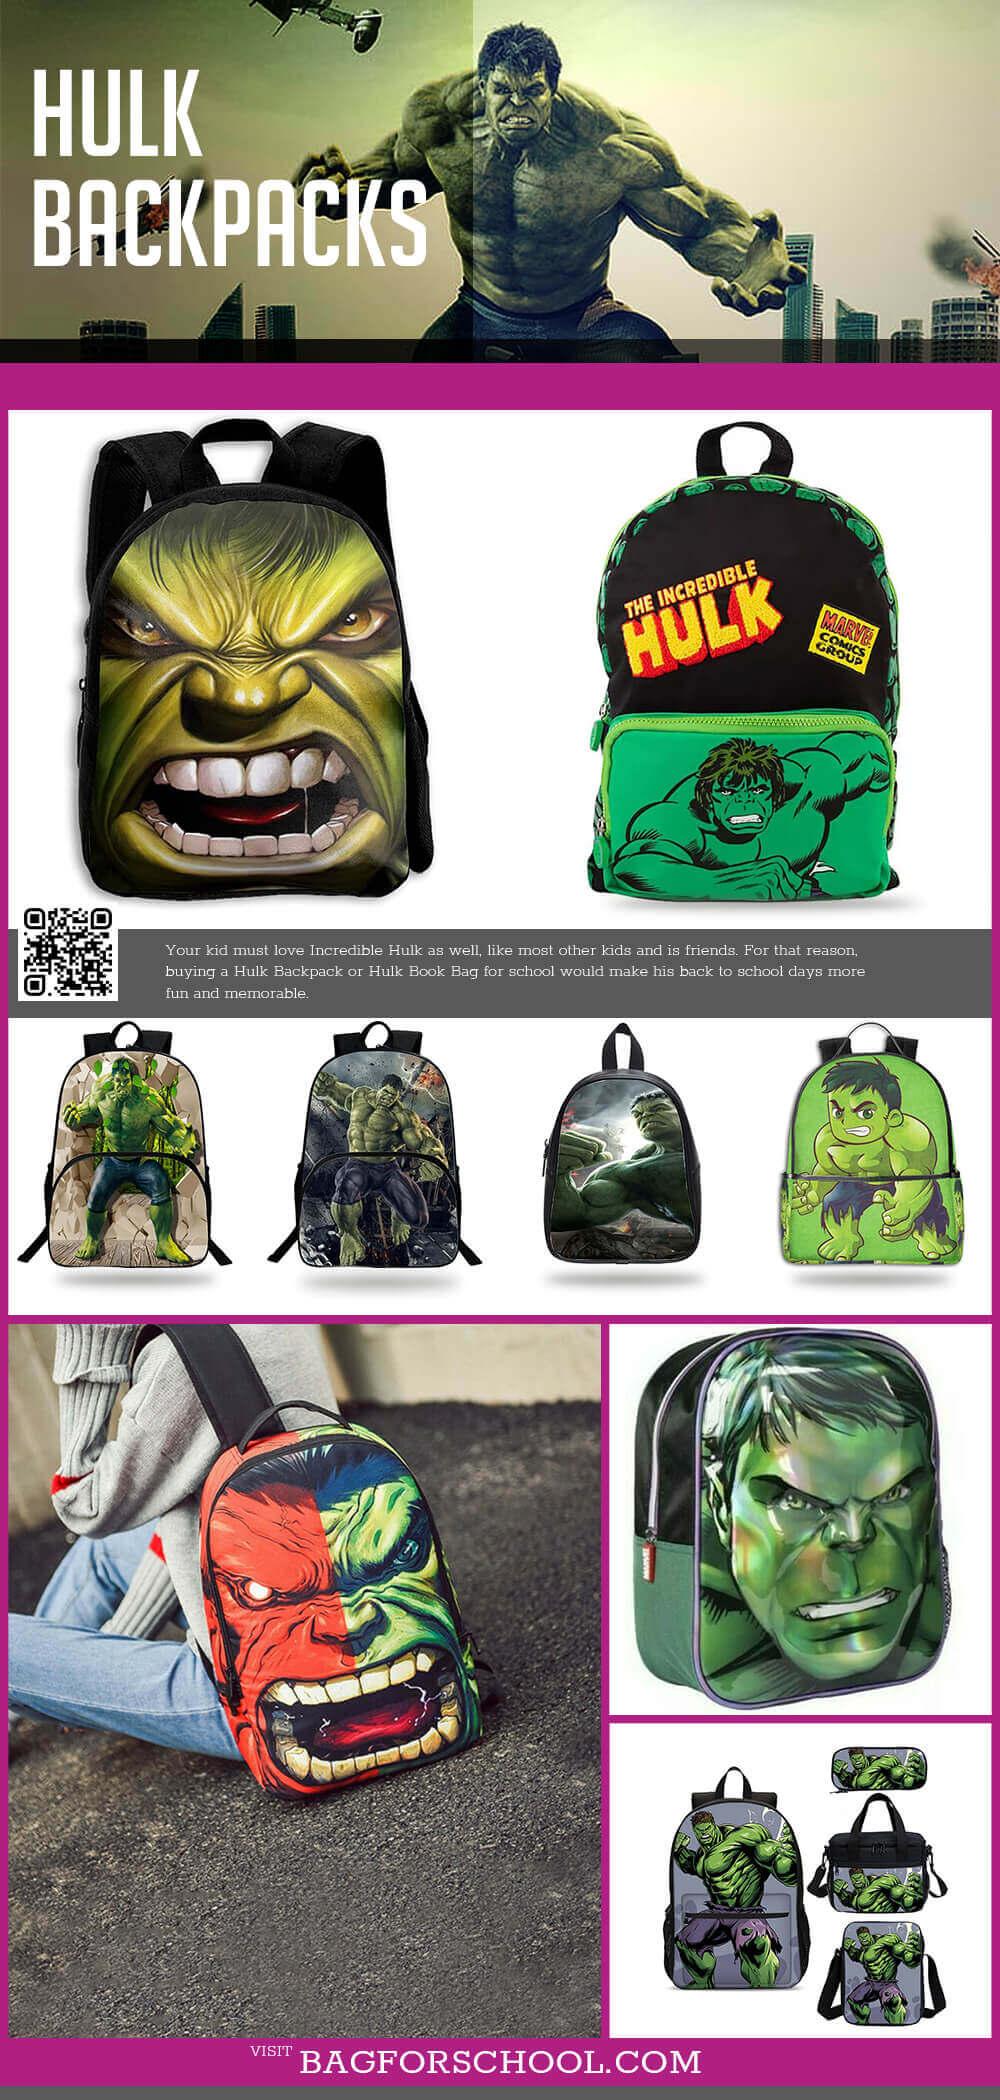 Hulk Backpacks